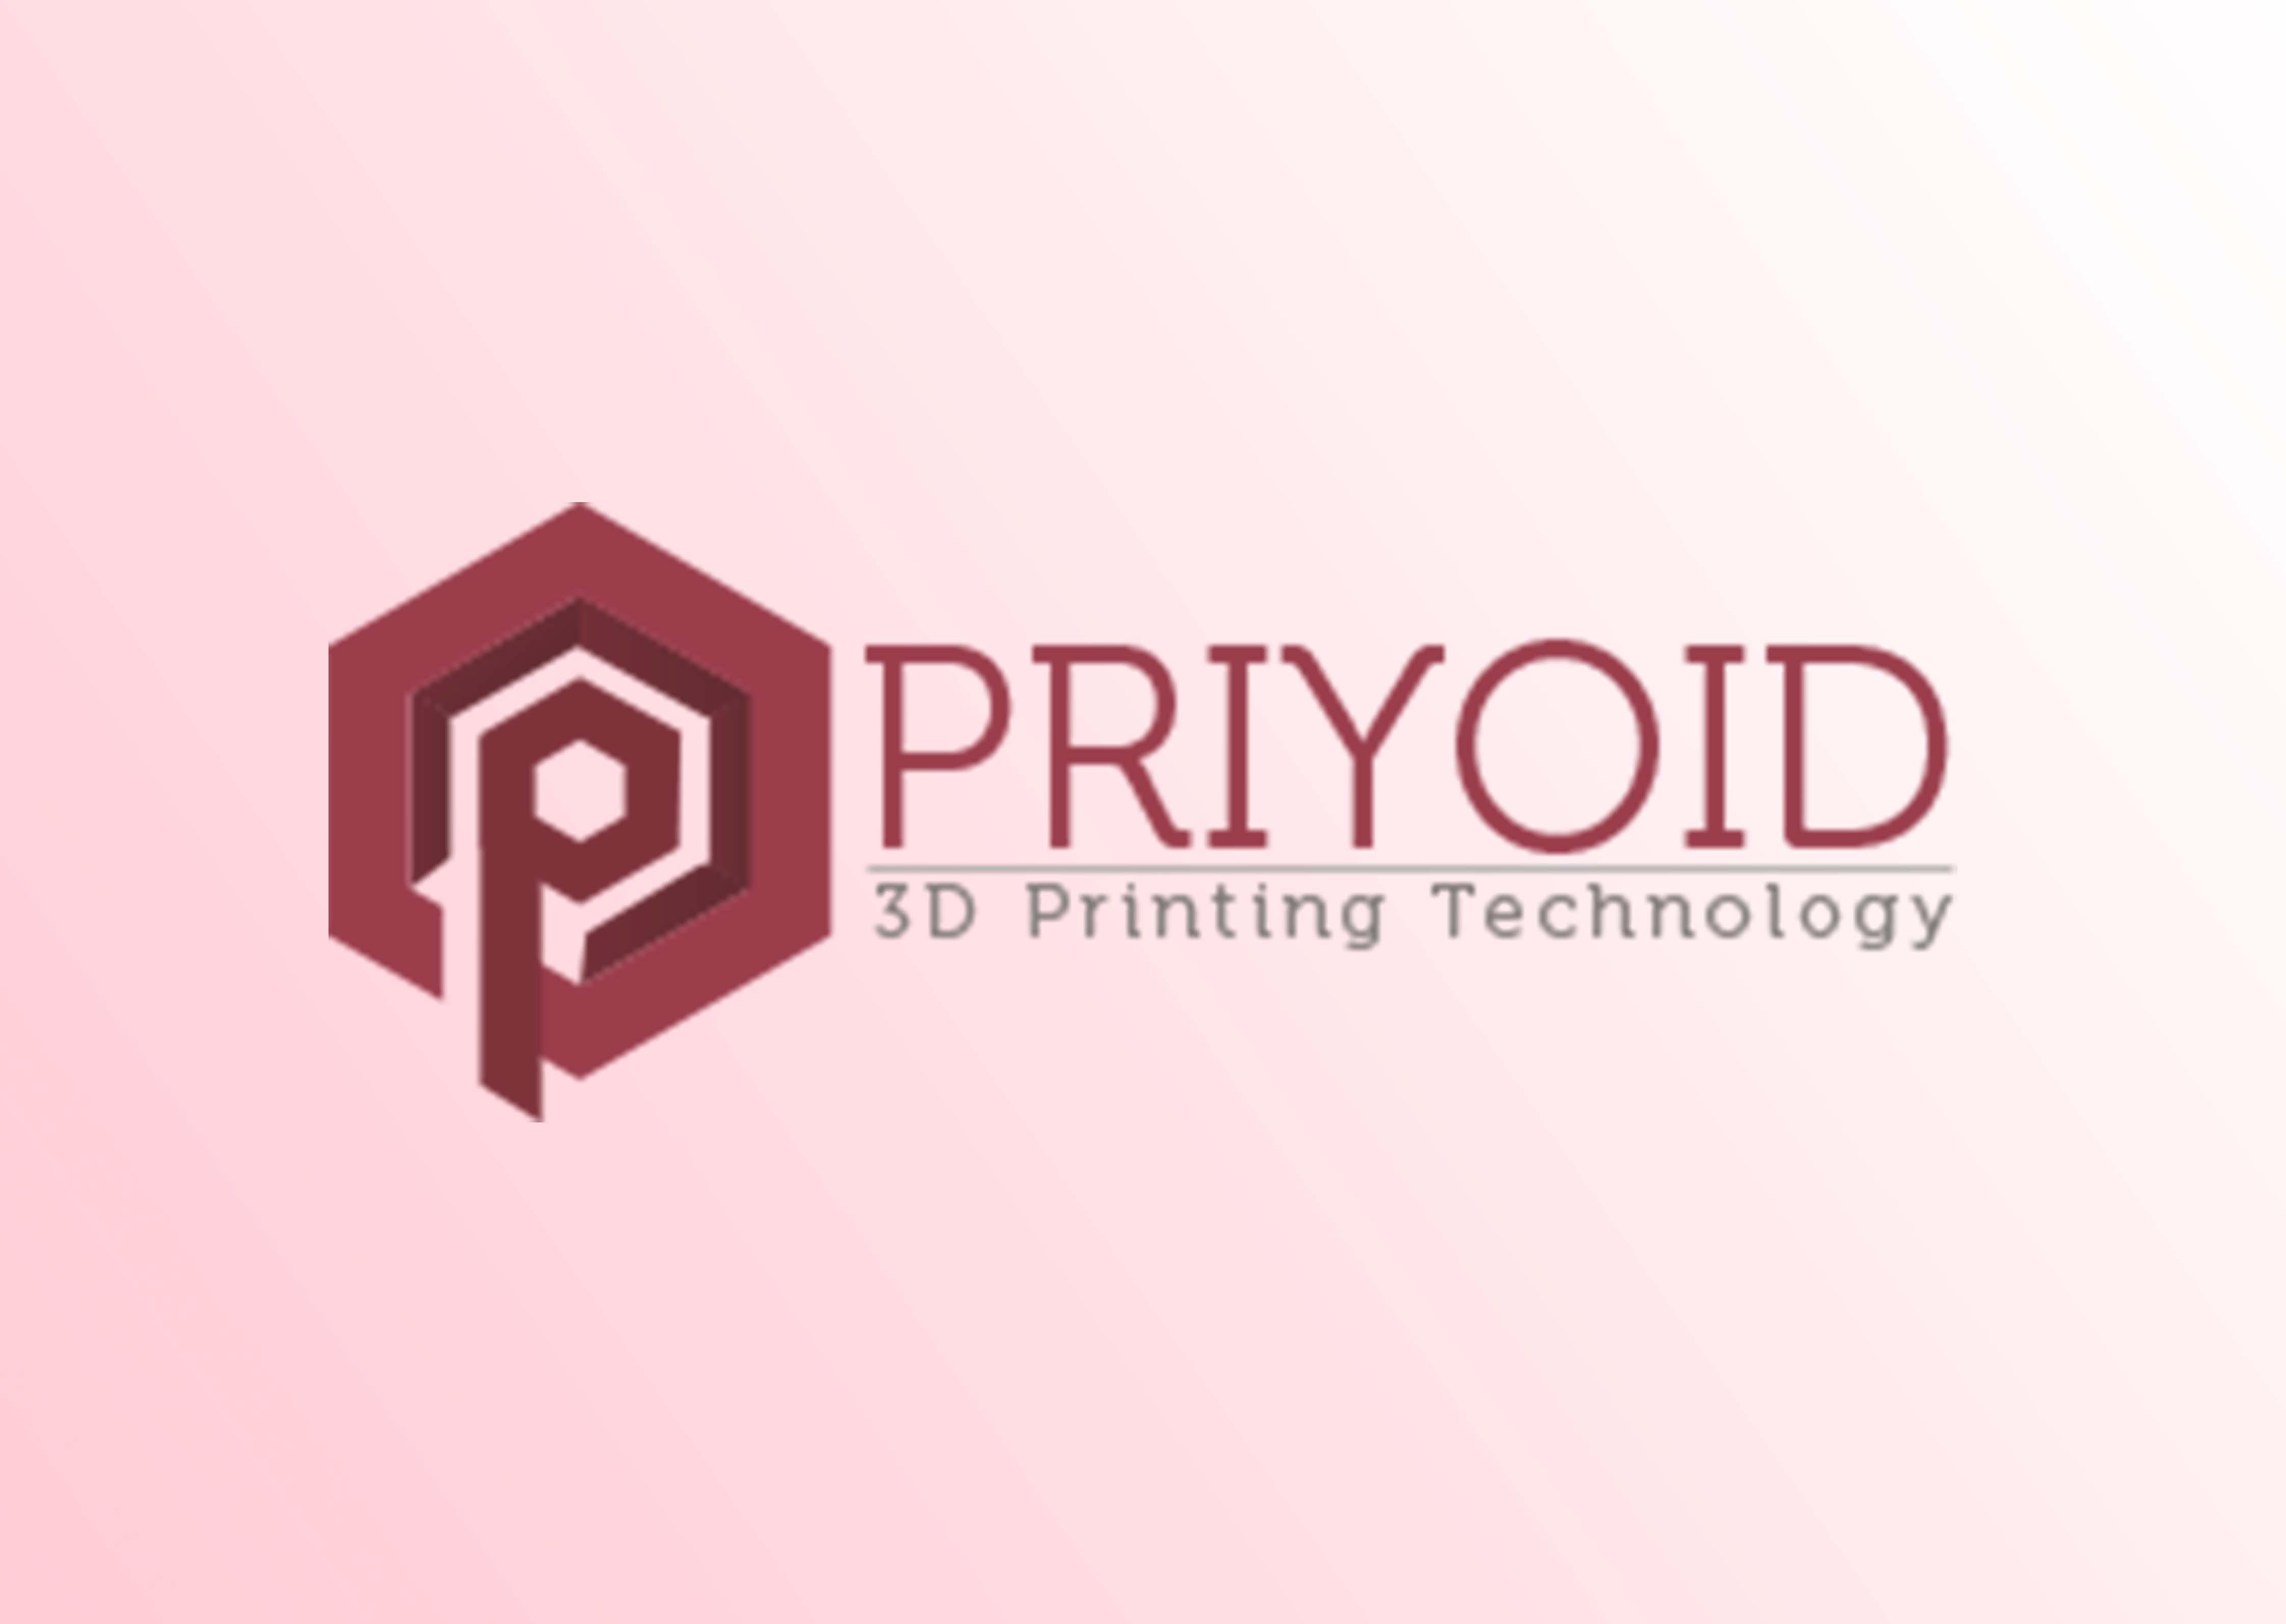 Priyoid